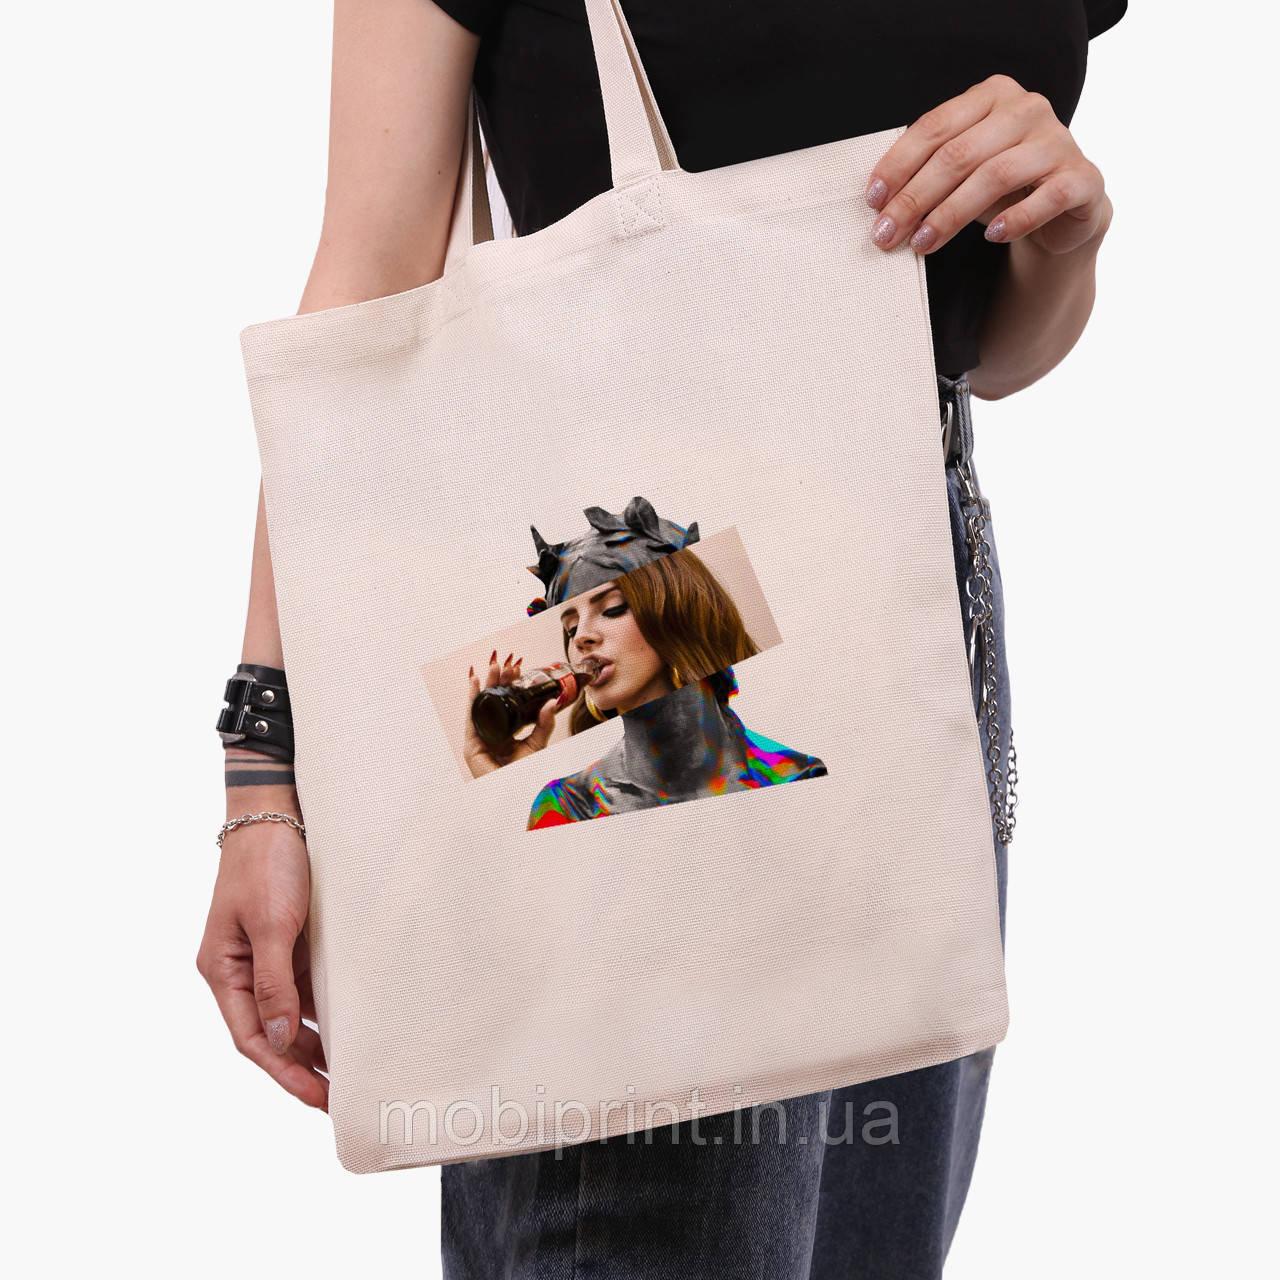 Эко сумка шоппер Лана Дель Рей - Ренессанс (Lana Del Rey - Renaissance) (9227-1204)  экосумка шопер 41*35 см